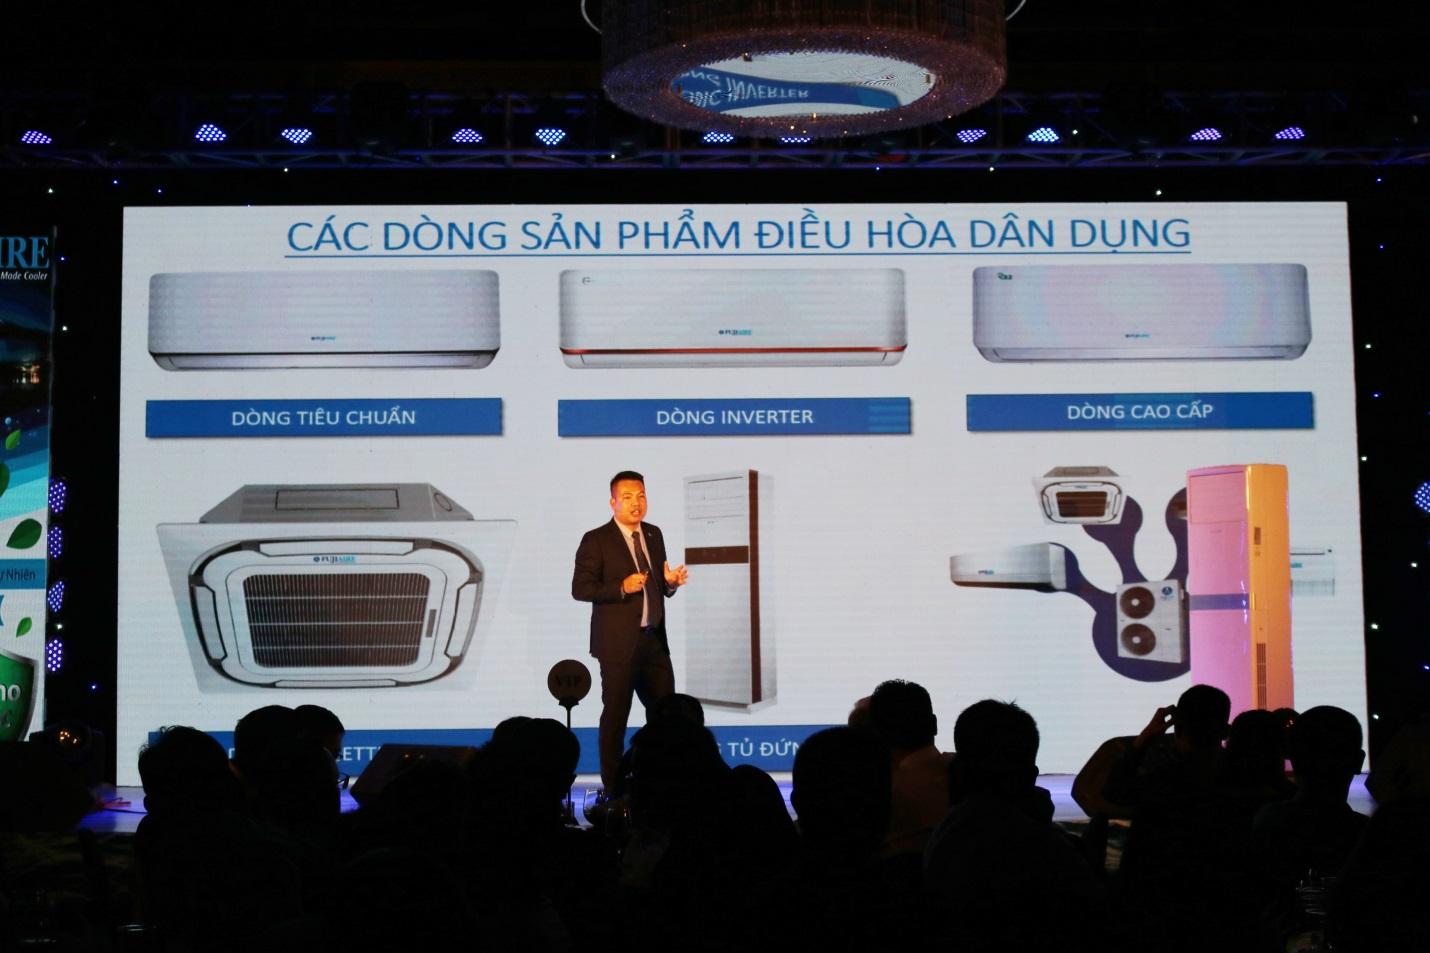 Ông Lê Thanh Tùng – Tổng Giám đốc Công ty TNHH Liên doanh Fujiaire Malaysia Việt Nam trình bày giới thiệu sản phẩm mới